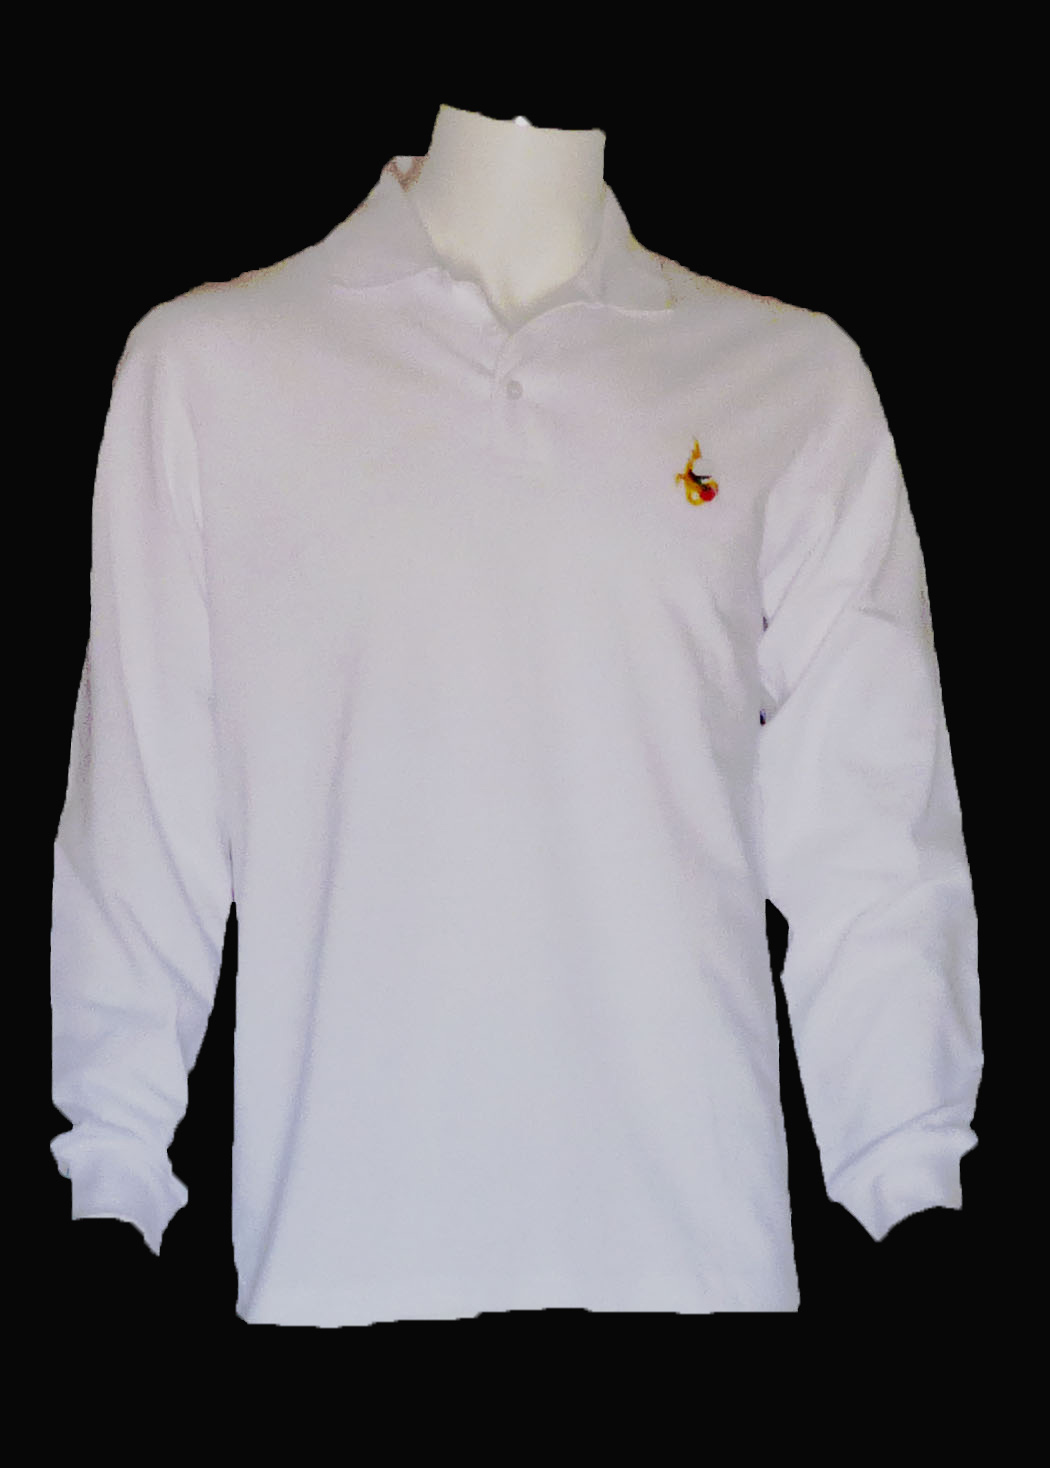 9de420a4cf Polo manches longues blanc brodé HAB101 : Vente et livraison des ...